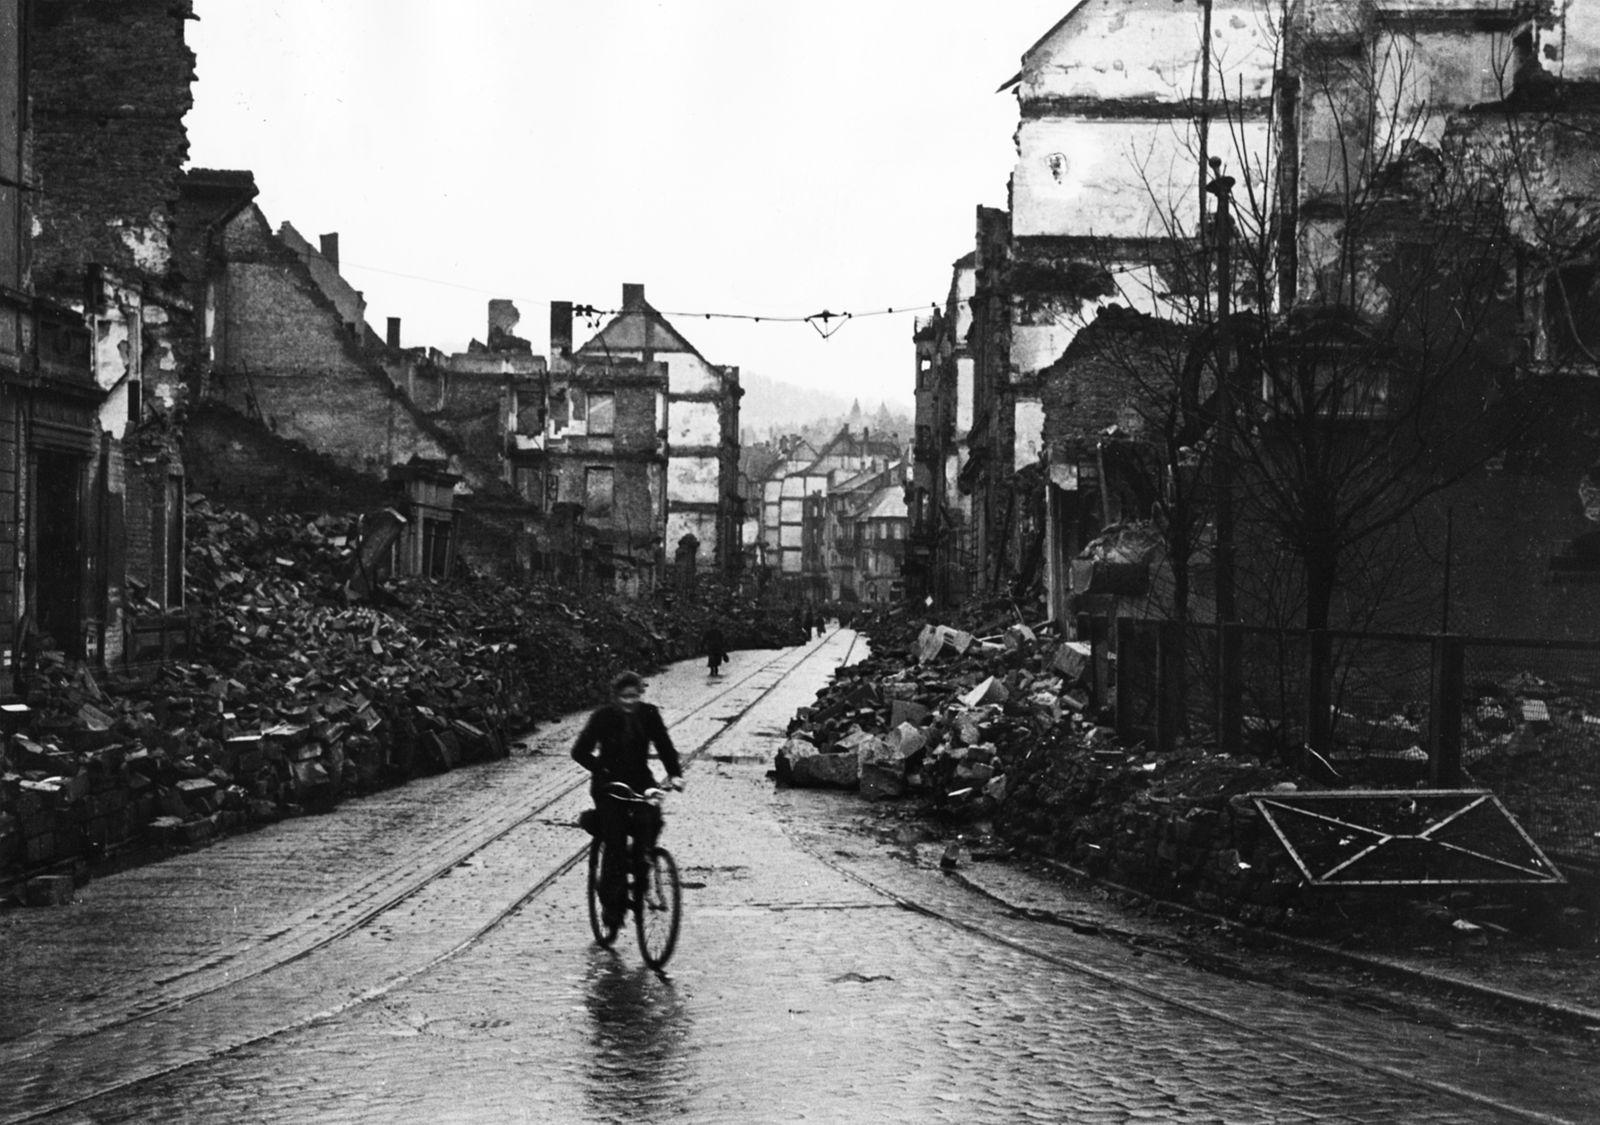 Pforzheim Bombardierung - Eine zerstörte Stra?e in Pforzheim